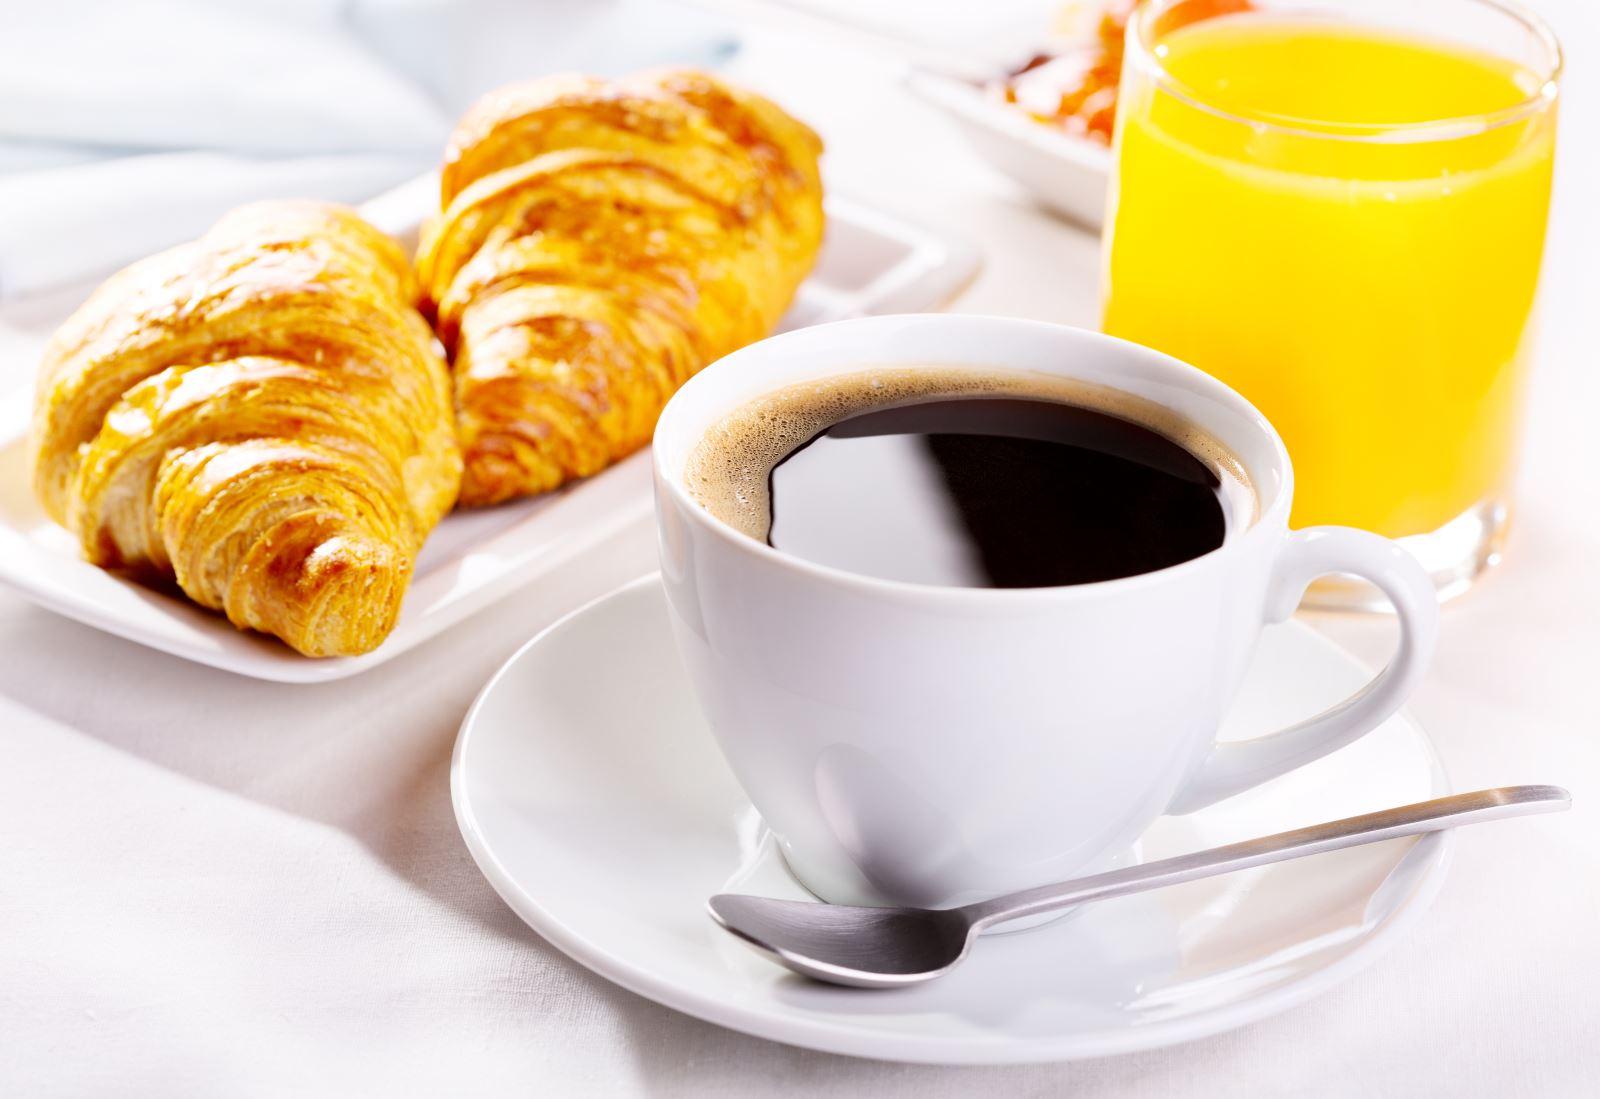 Petit-déjeûner à la française testé et approuvé au café Broglie (Strasbourg) par The chick list